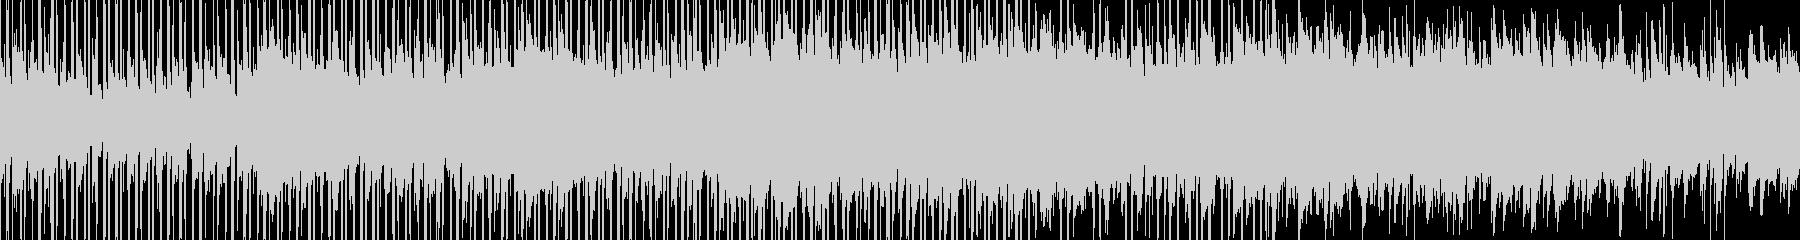 綺麗で感動的なクリーンBGM_LOOPの未再生の波形